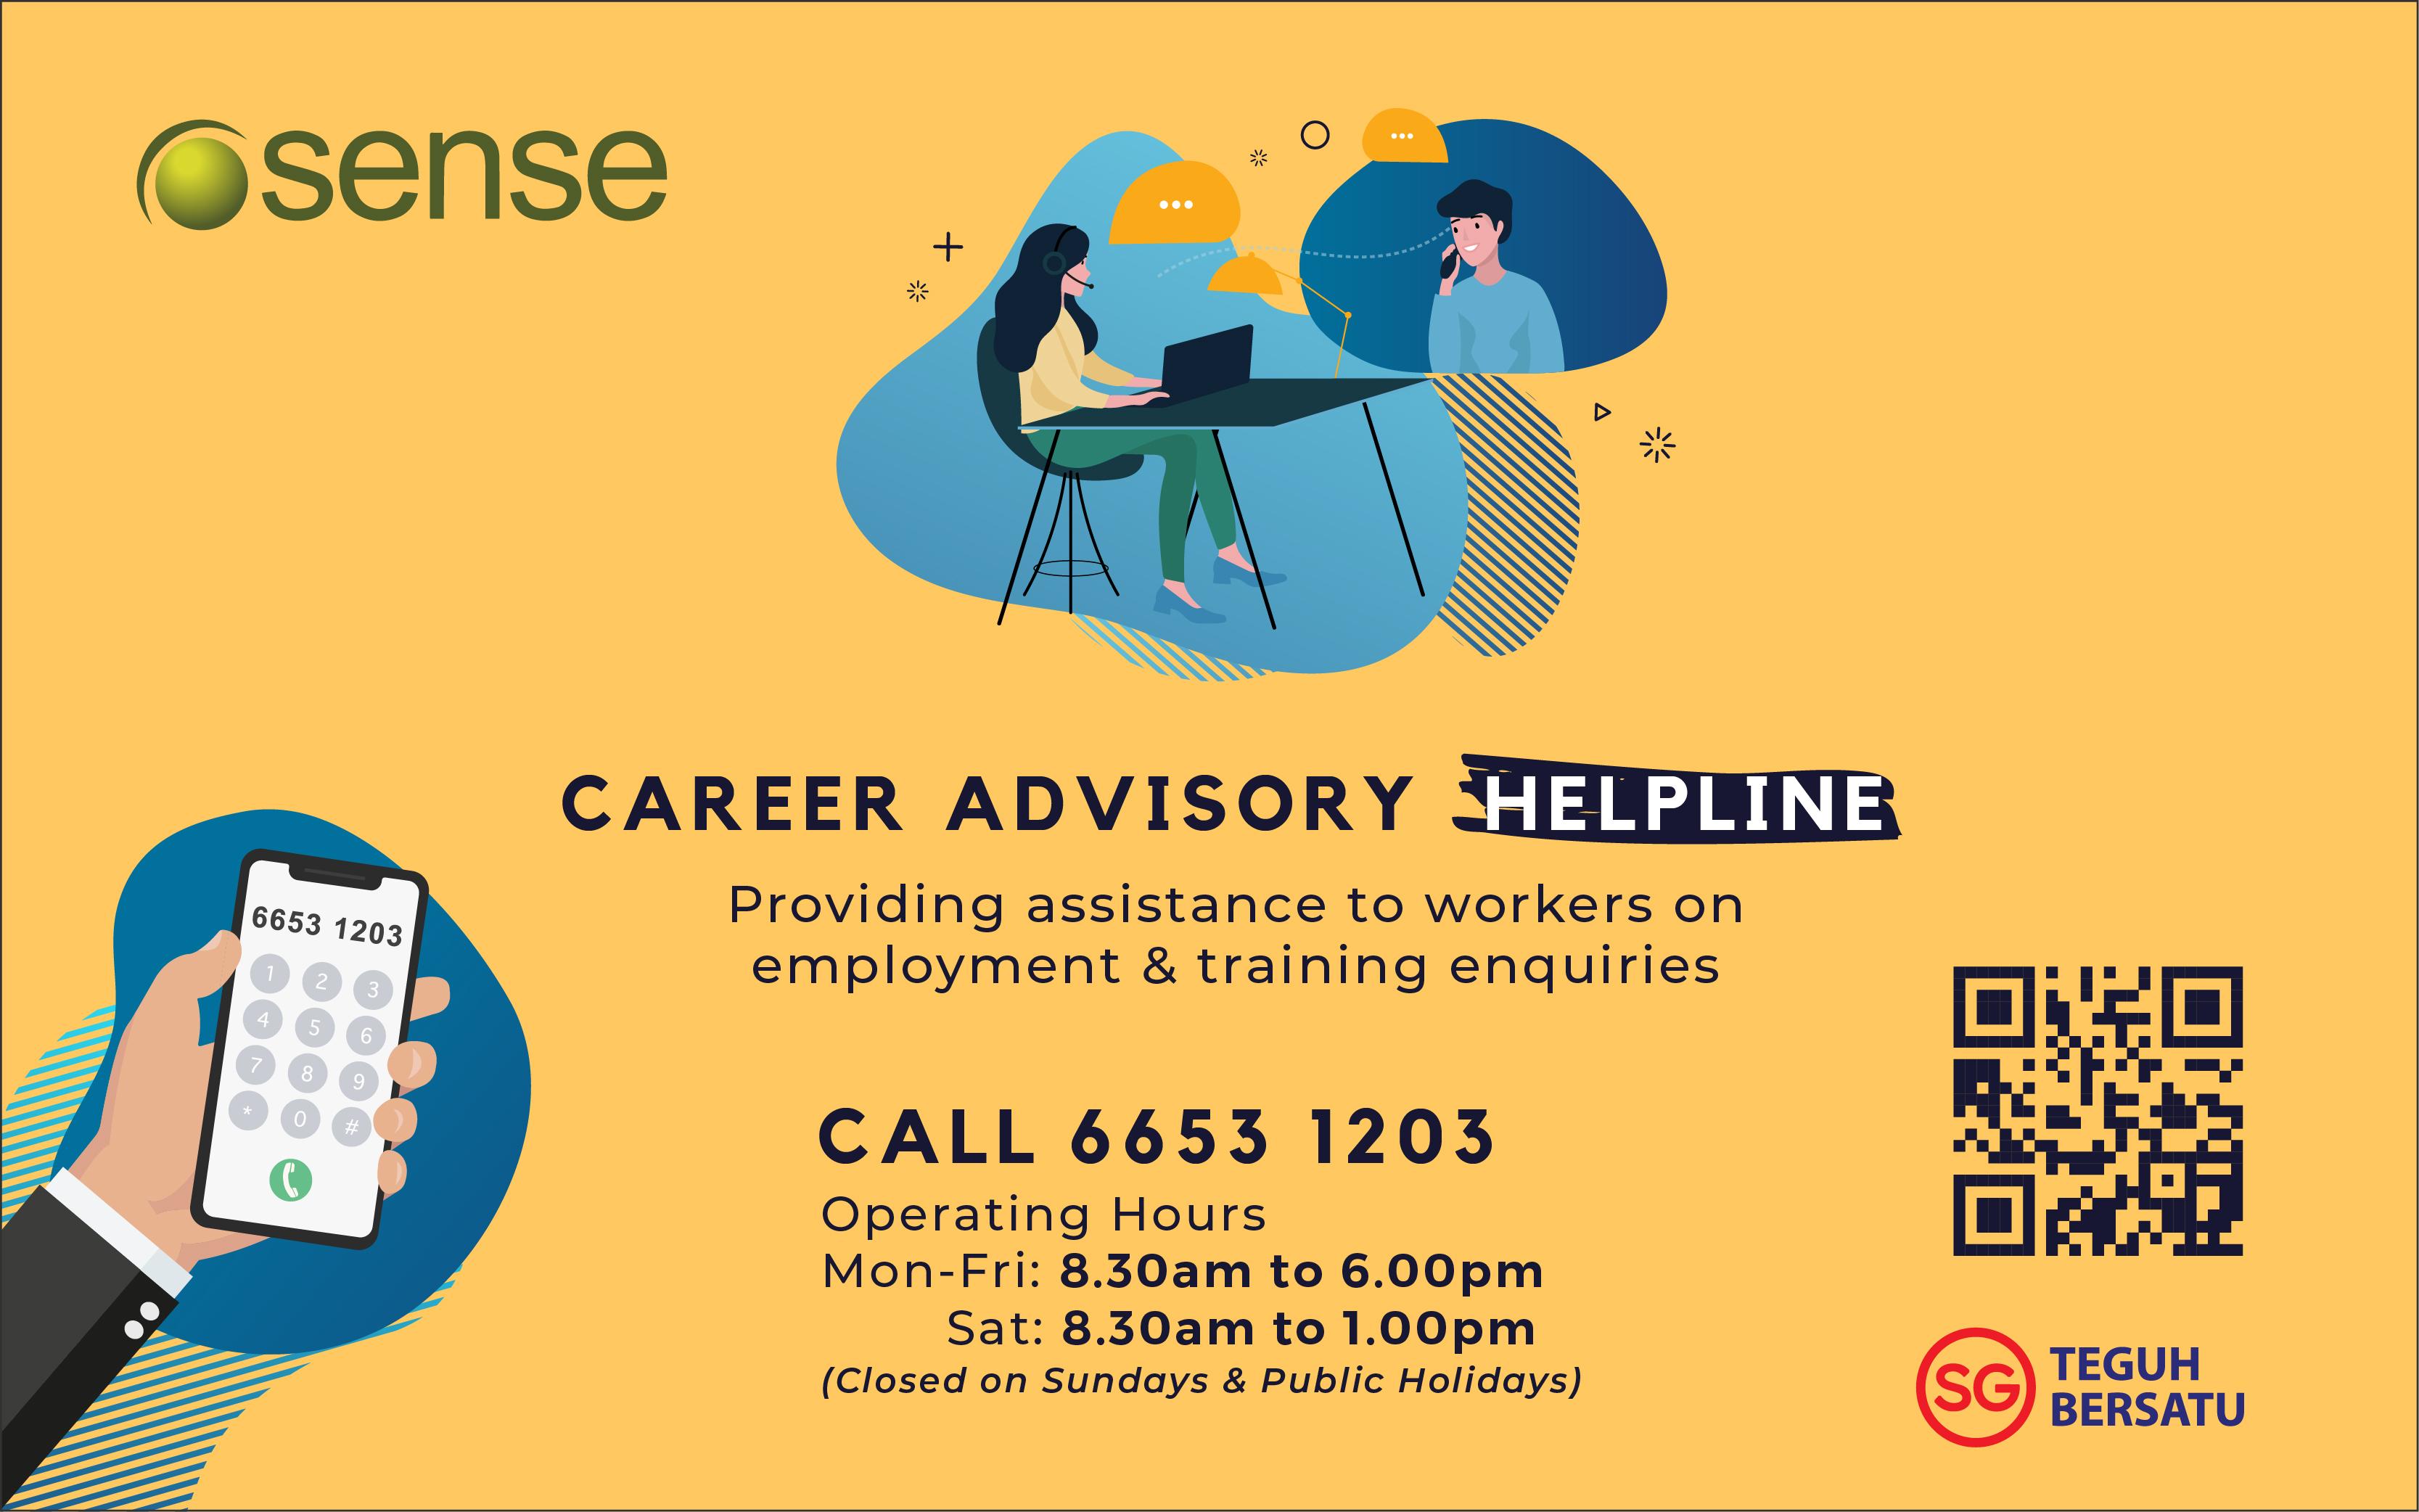 Career Advisory Helpline